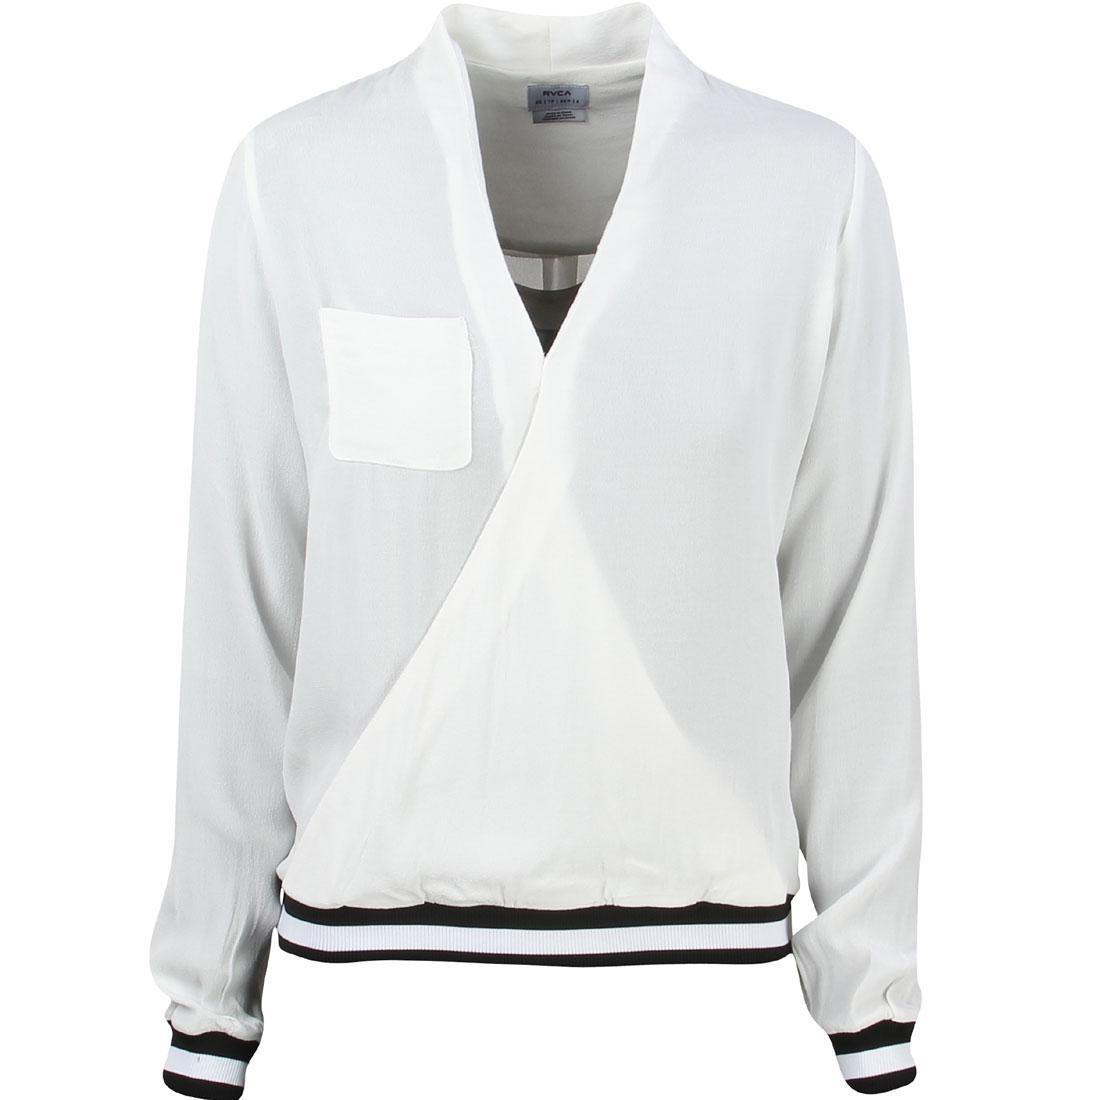 【海外限定】ルーカ スリーブ メンズファッション トップス 【 RVCA SLEEVE WOMEN CENTRA LONG SHIRT WHITE VINTAGE 】